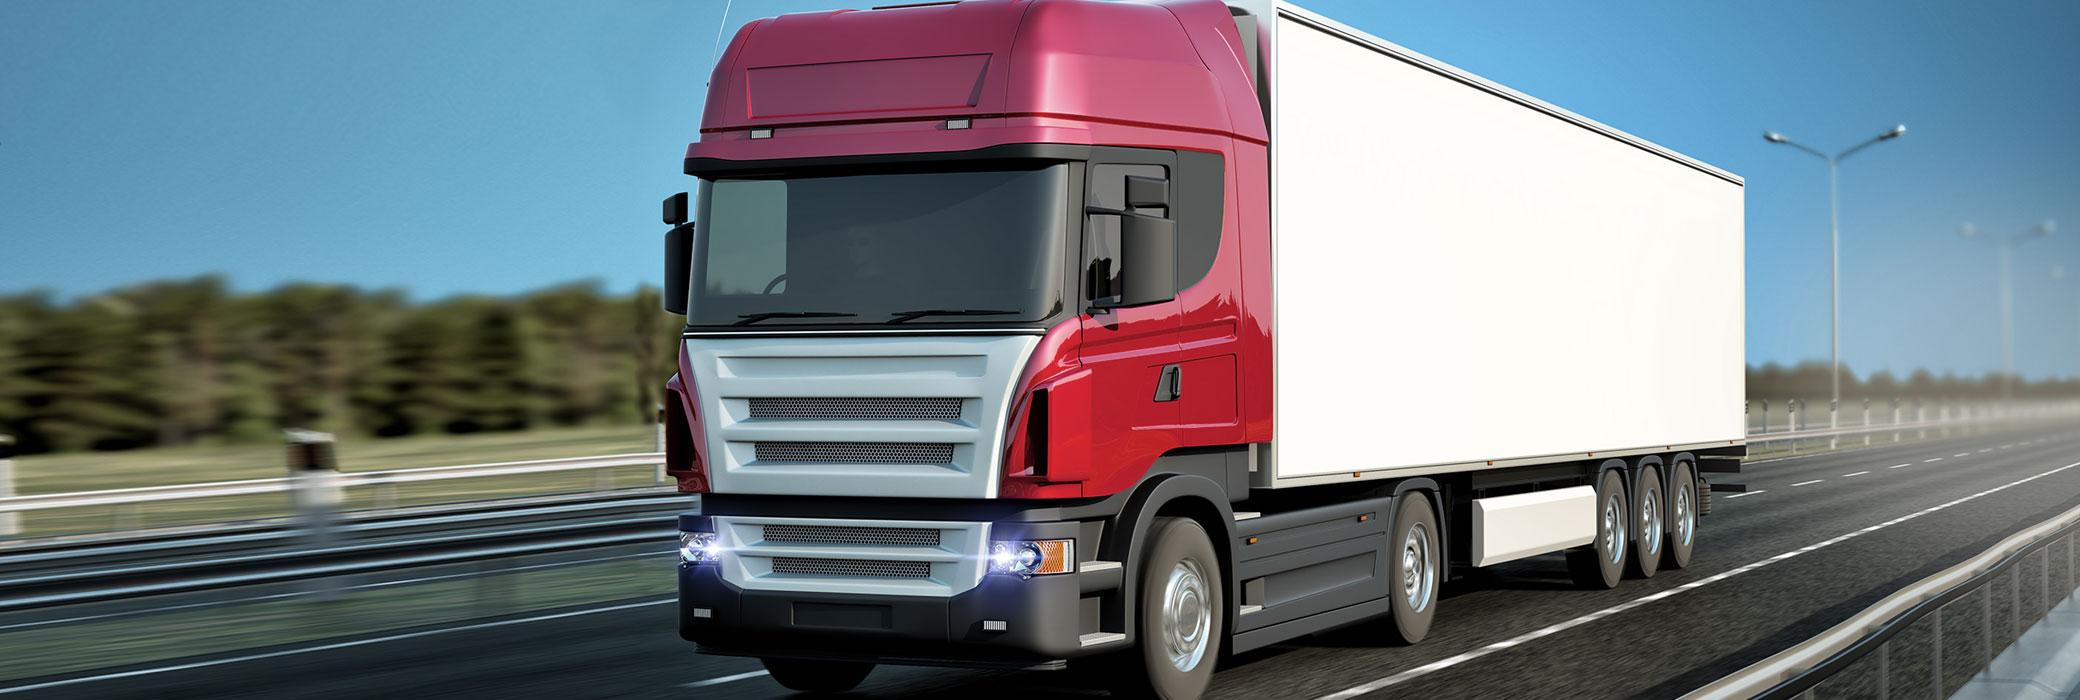 Een rood-witte vrachtwagen op de snelweg